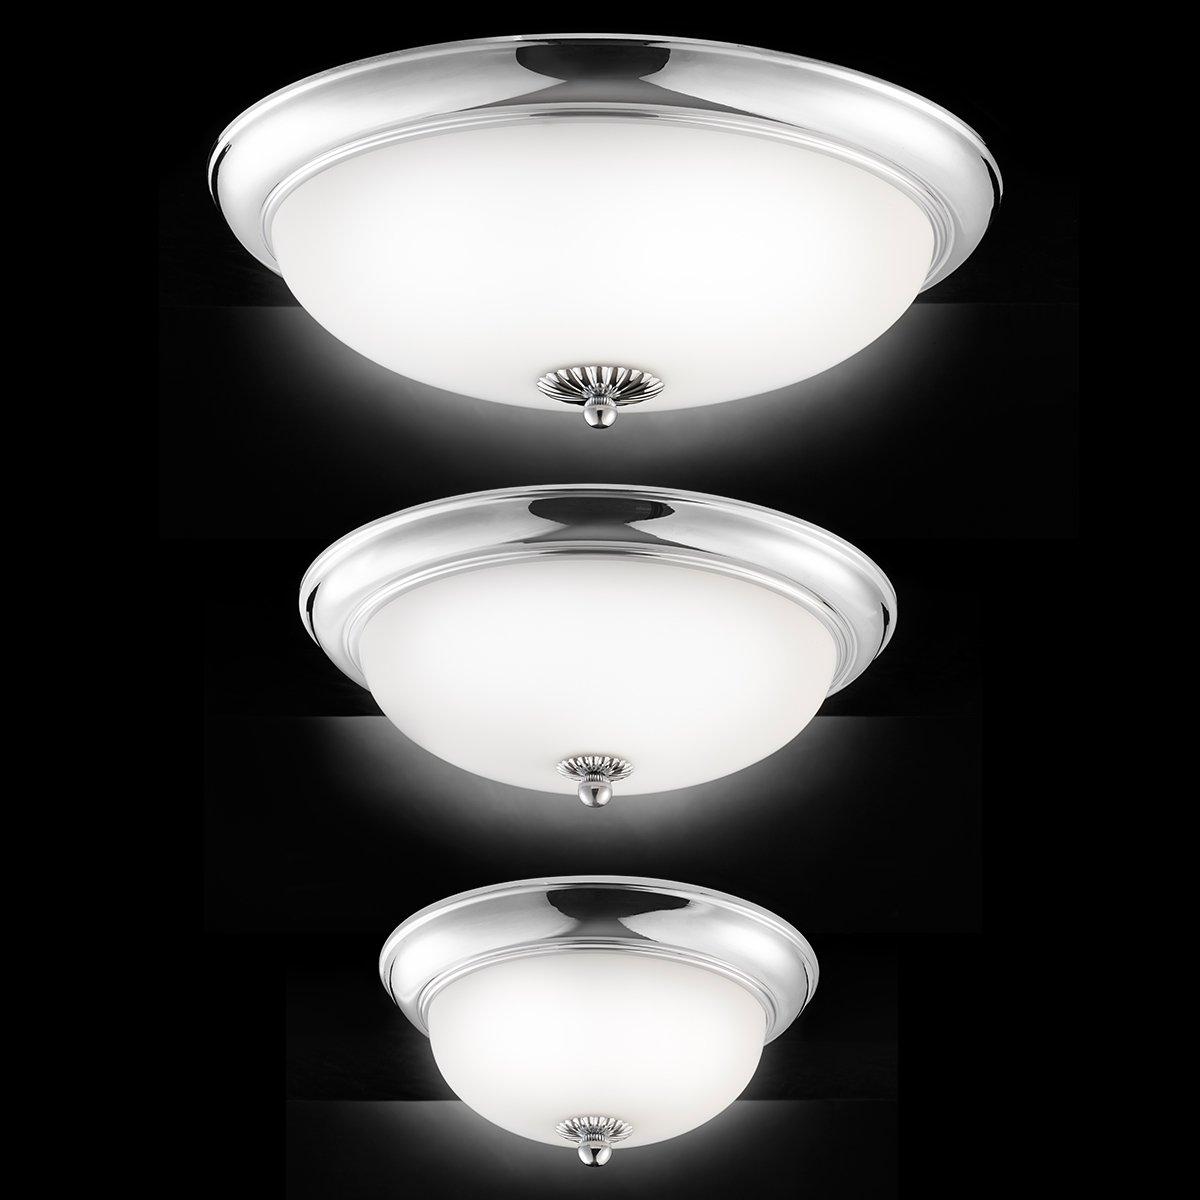 klassische deckenleuchte mit opalglas zur wohnraumbeleuchtung. Black Bedroom Furniture Sets. Home Design Ideas